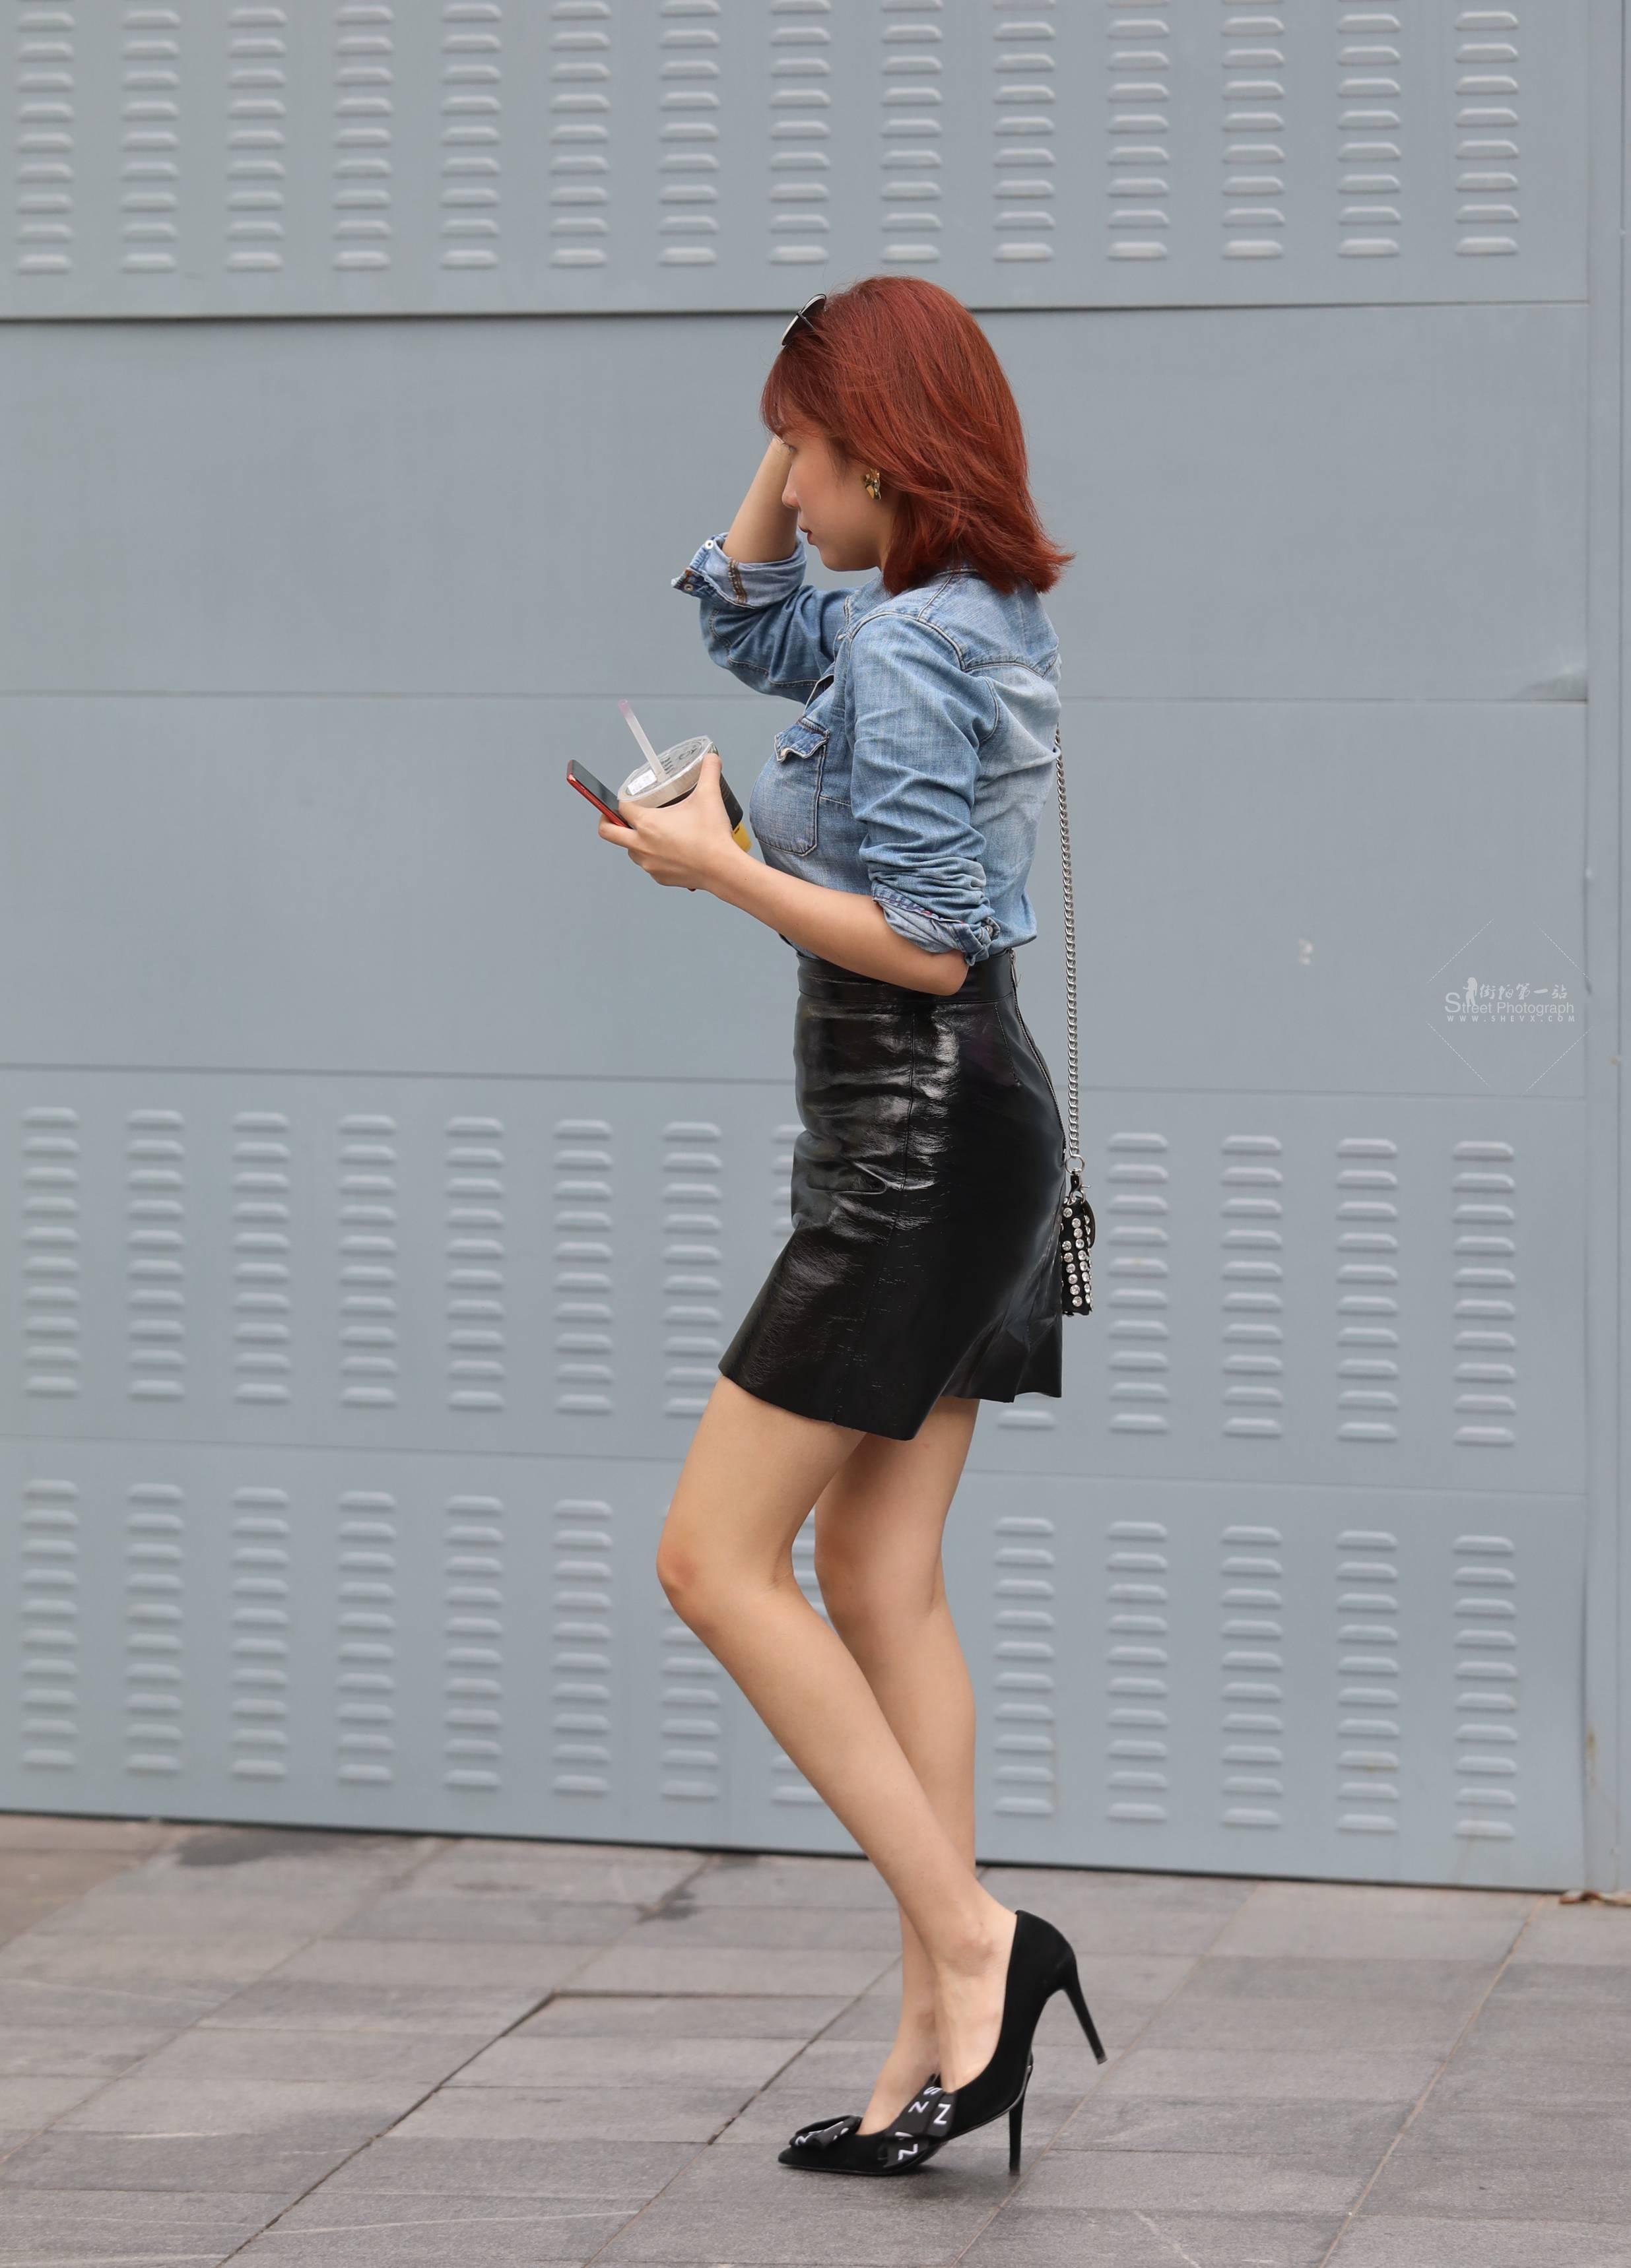 街拍高跟 【玨一笑而過】誘惑皮裙 高跟Shao Fu 最新街拍絲襪圖片 街拍絲襪第一站